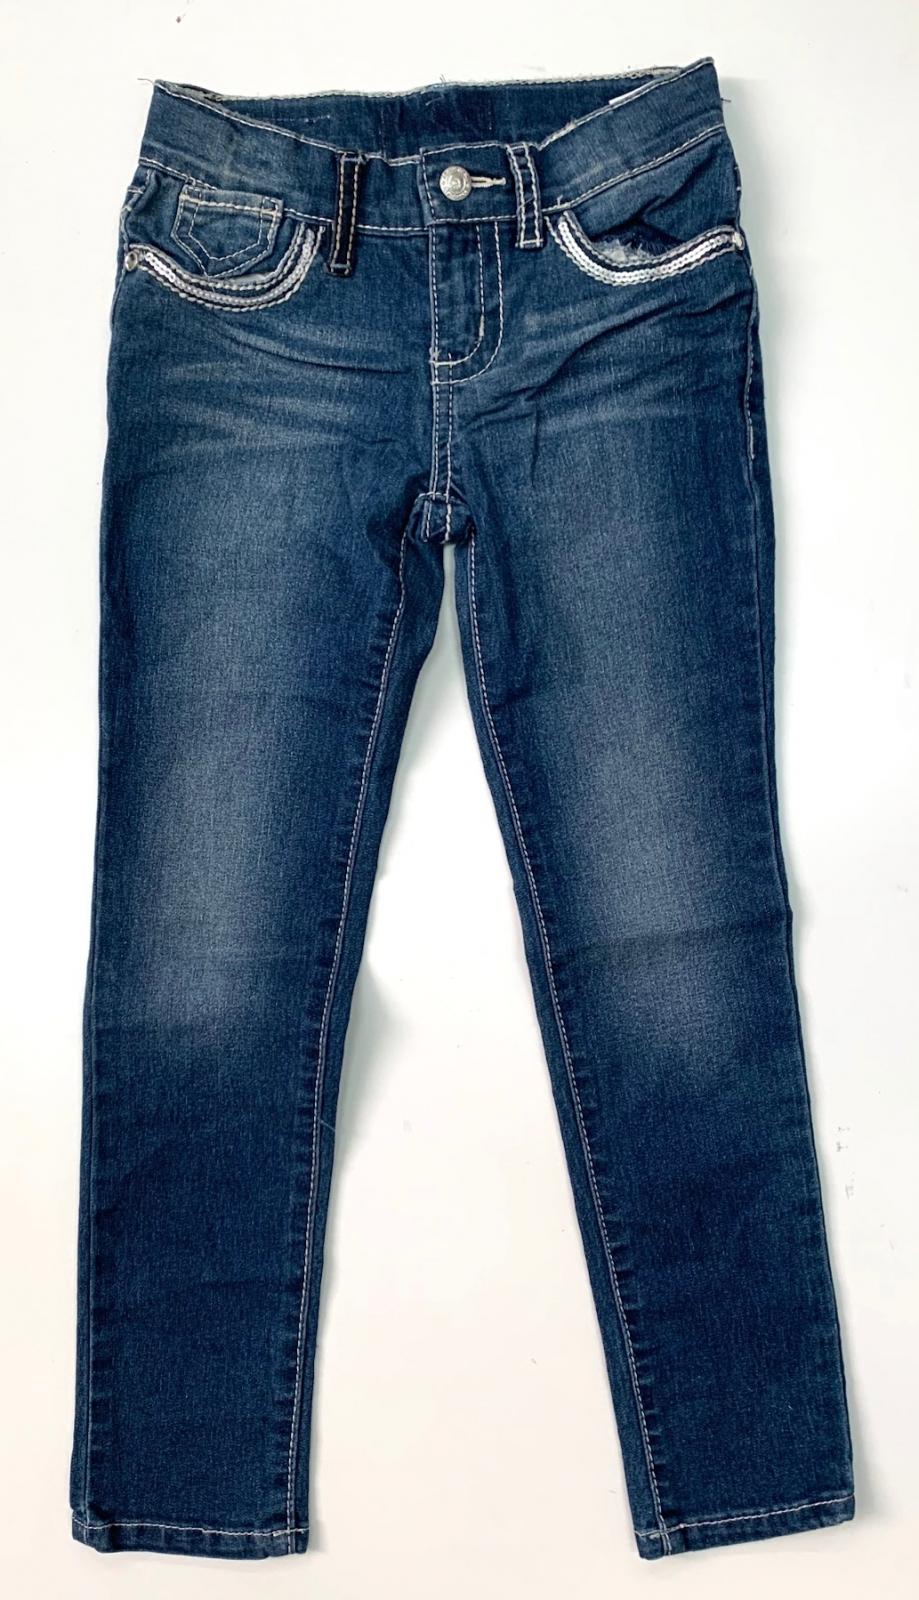 Модные джинсы для девочек  L.E.I.